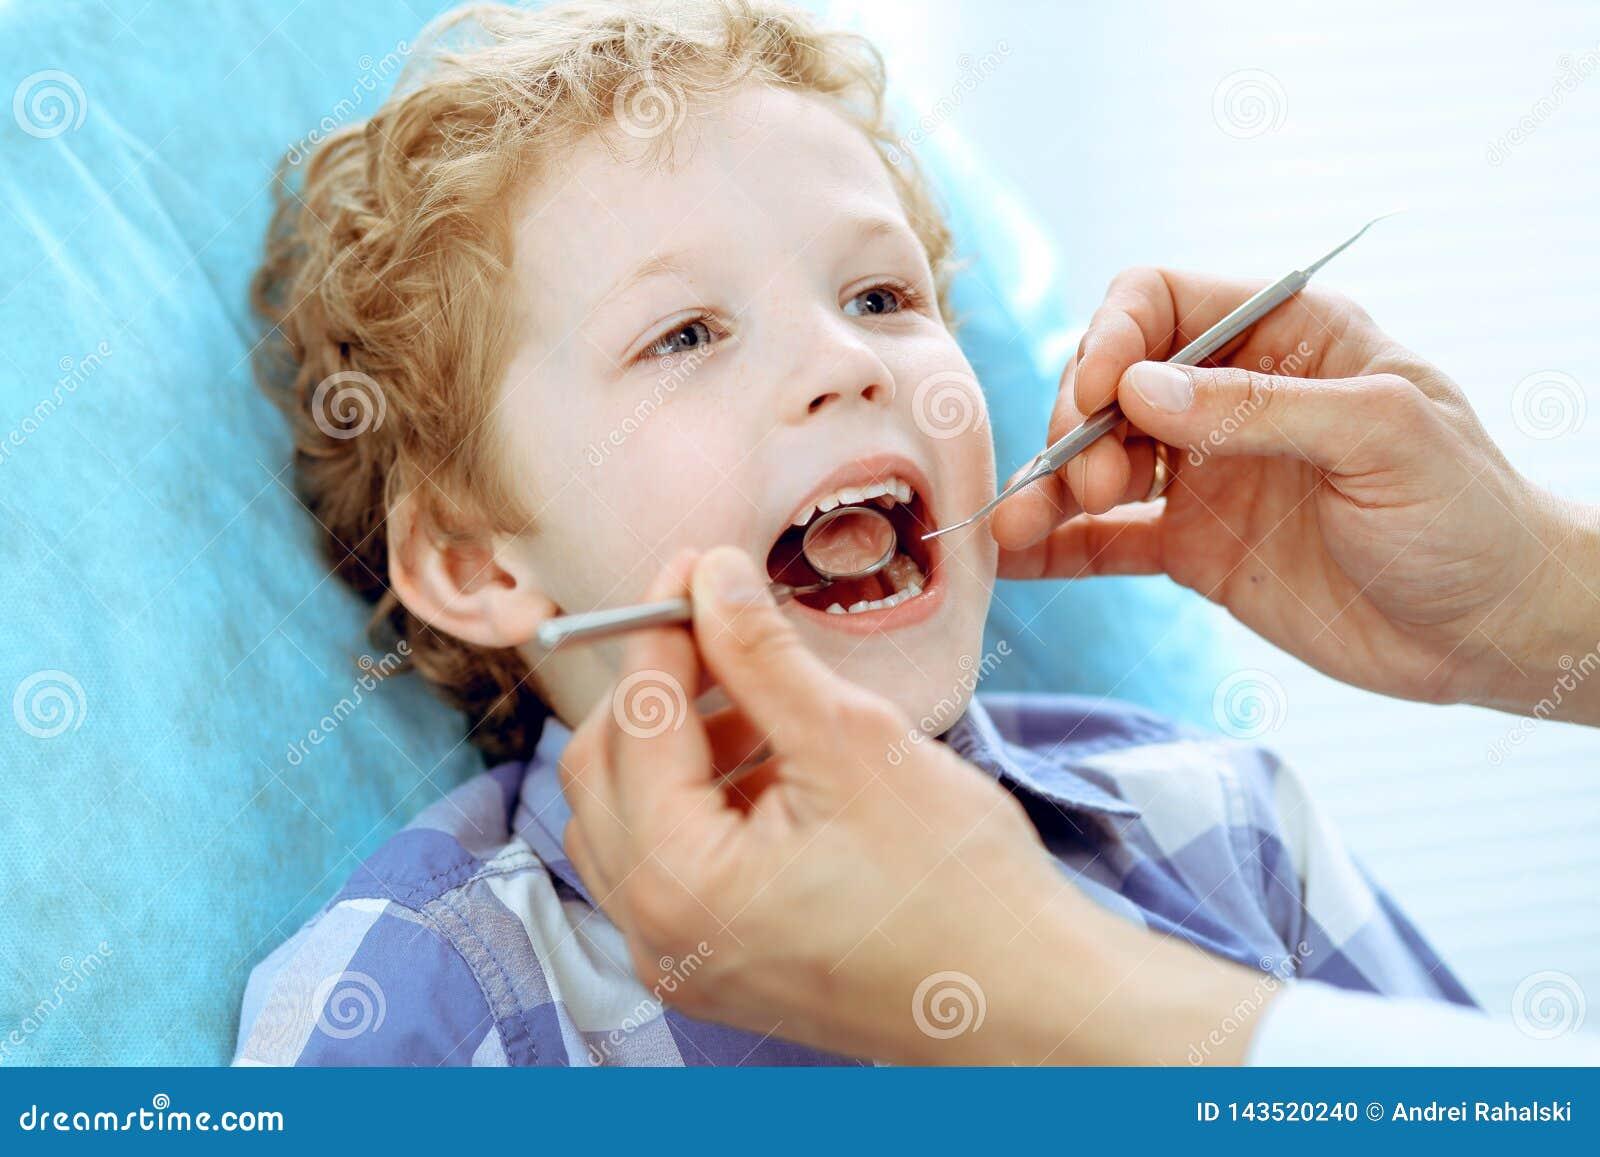 医生和耐心孩子 安排的男孩他的牙审查与牙医医学、医疗保健和口腔医学概念